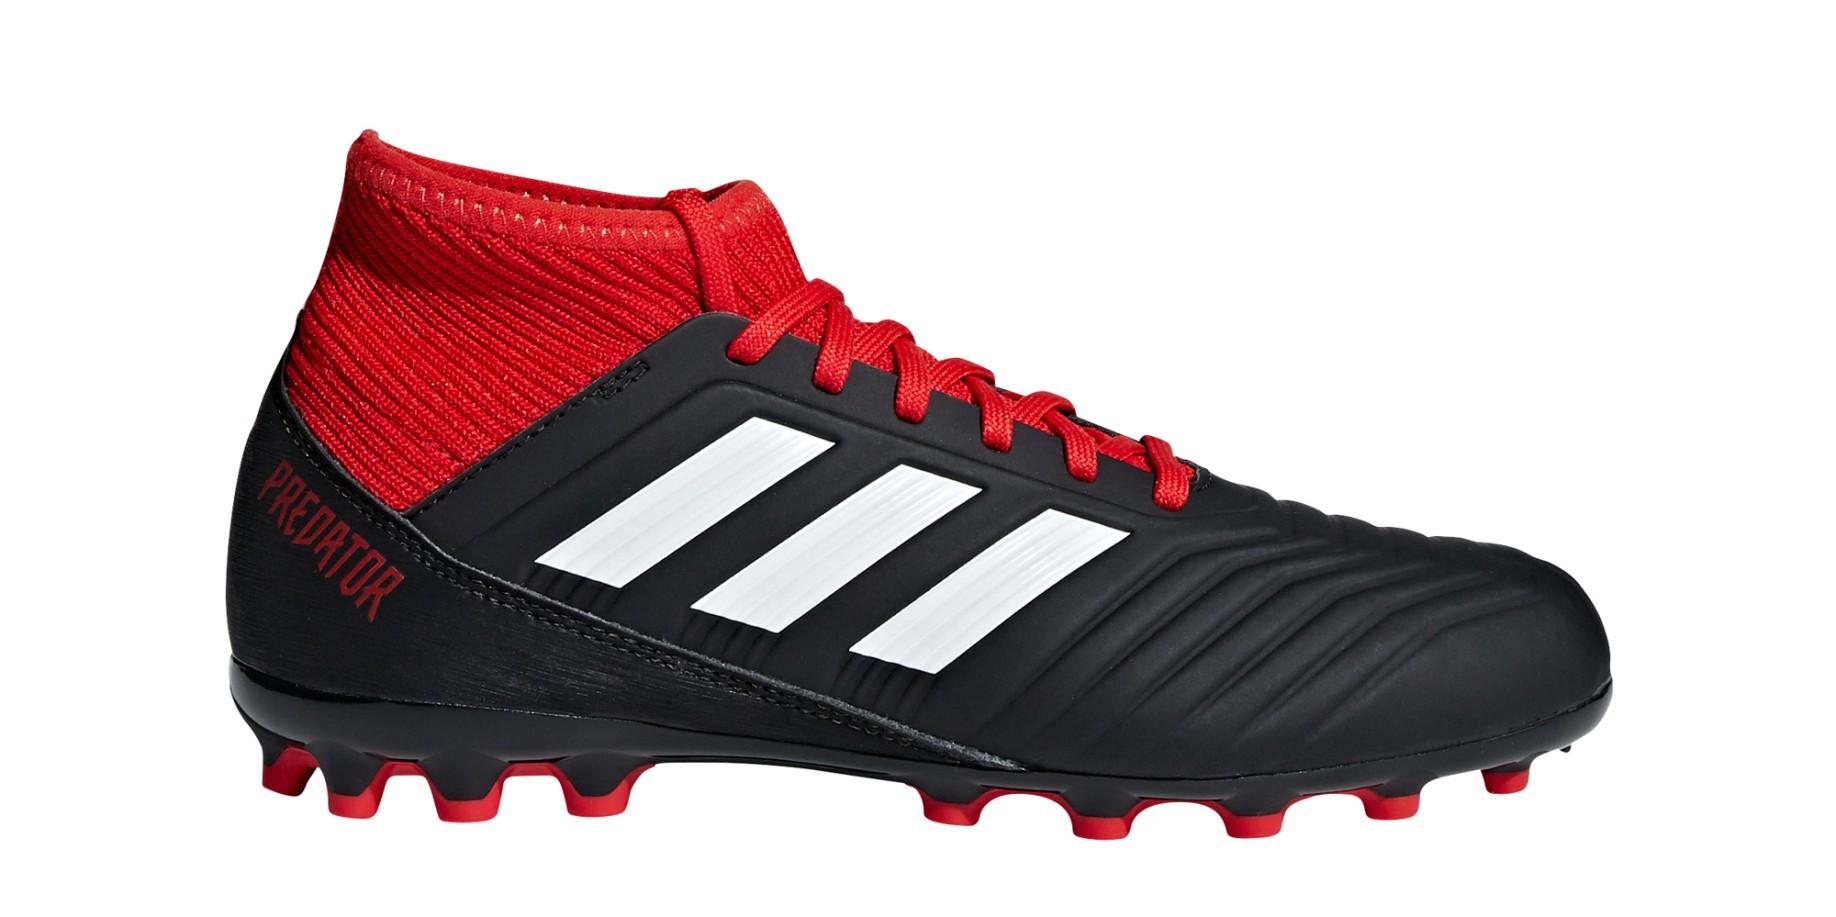 91ced493adab Soccer shoes Boy Adidas Predator 18.3 AG Team Mode Pack colore Black Red -  Adidas - SportIT.com